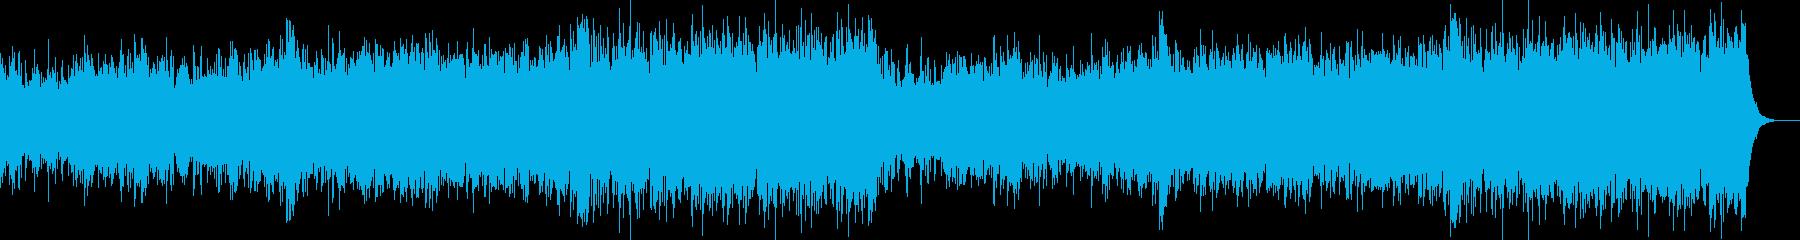 企業VP/オーケストラ/壮大/爽やか4aの再生済みの波形